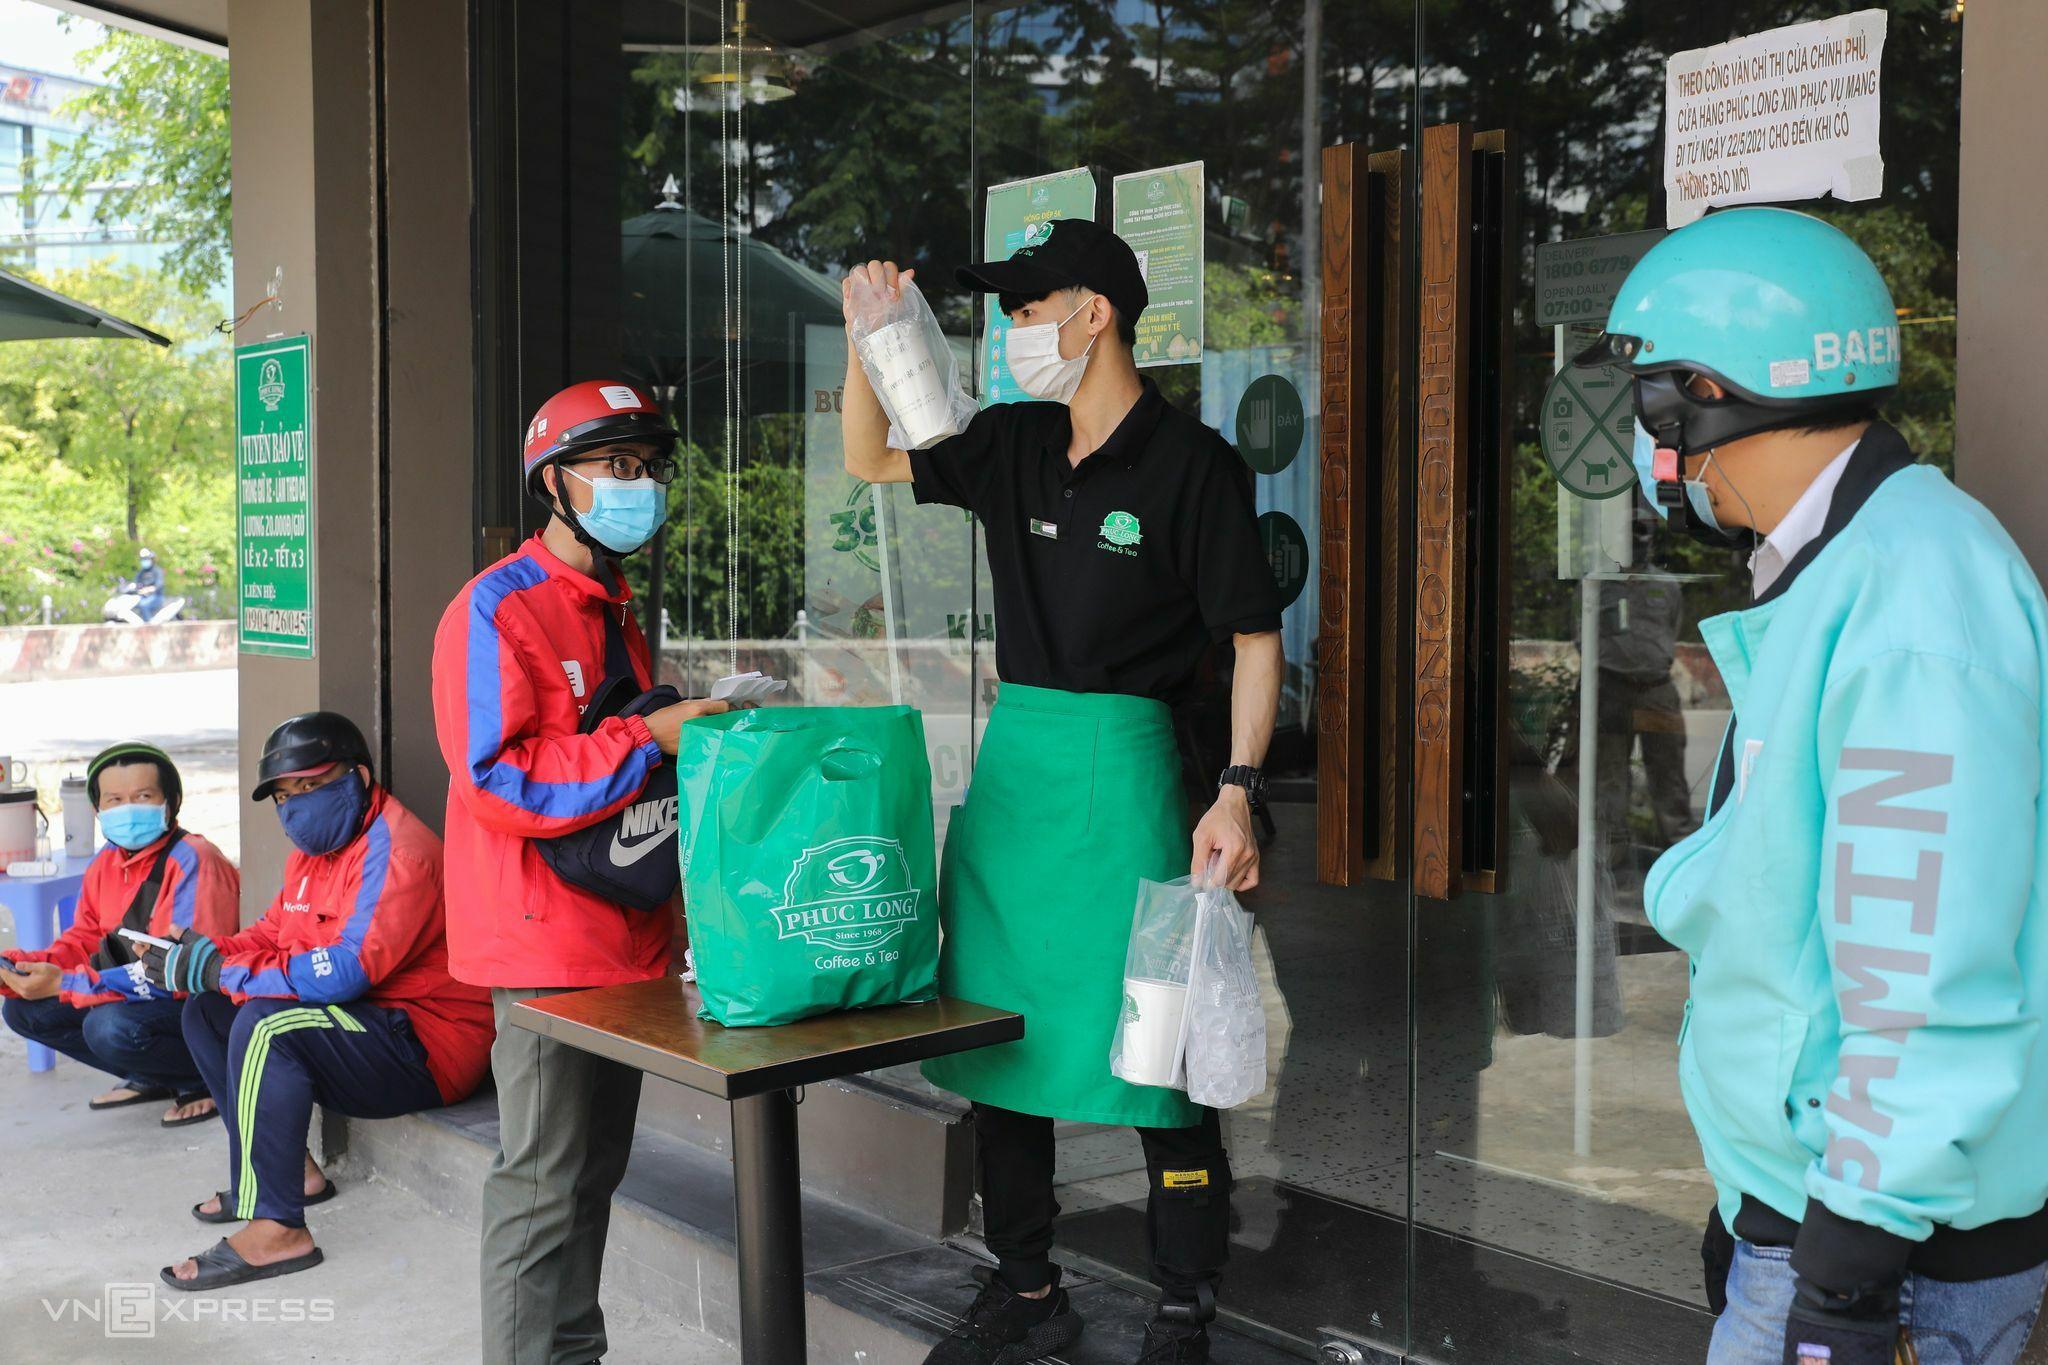 Shipper chờ nhận hàng tại một tiệm cà phê trên đường Nguyễn Hữu Thọ, quận 7 ngày 16/9. Ảnh: Quỳnh Trần